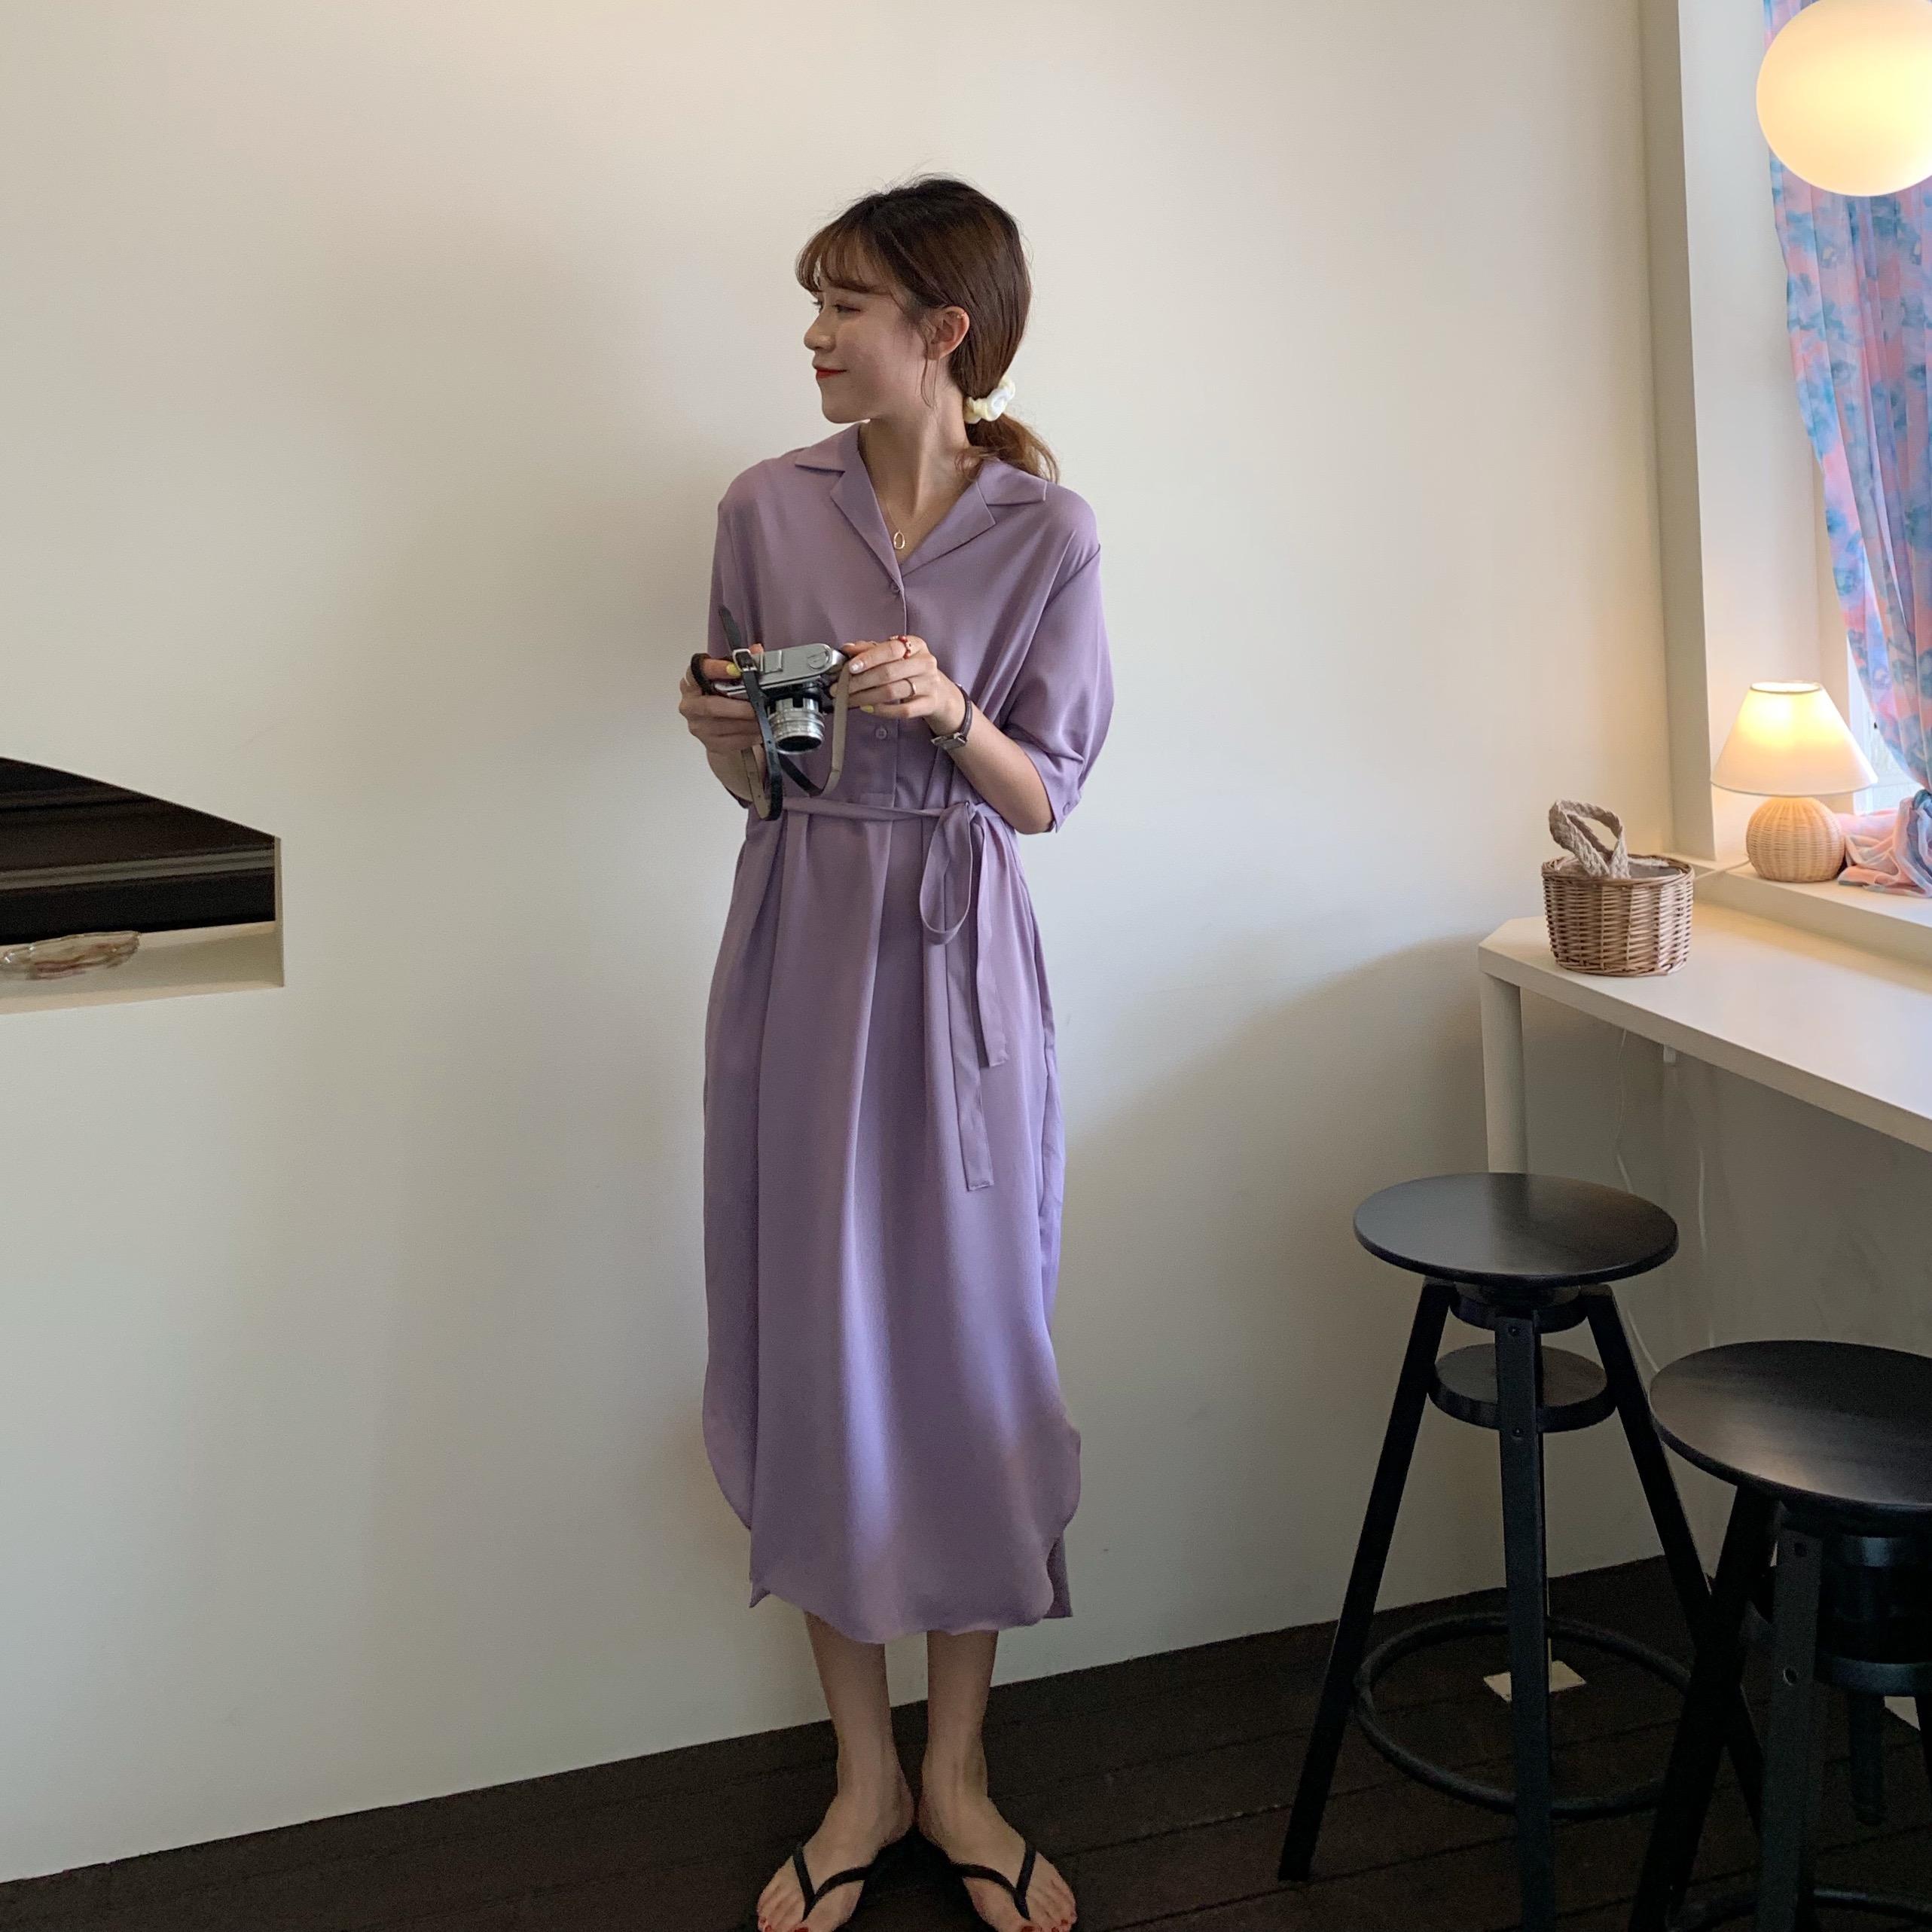 短袖连衣裙女夏季韩版雪纺V领衬衫高腰显瘦纯色气质中长款三粒扣